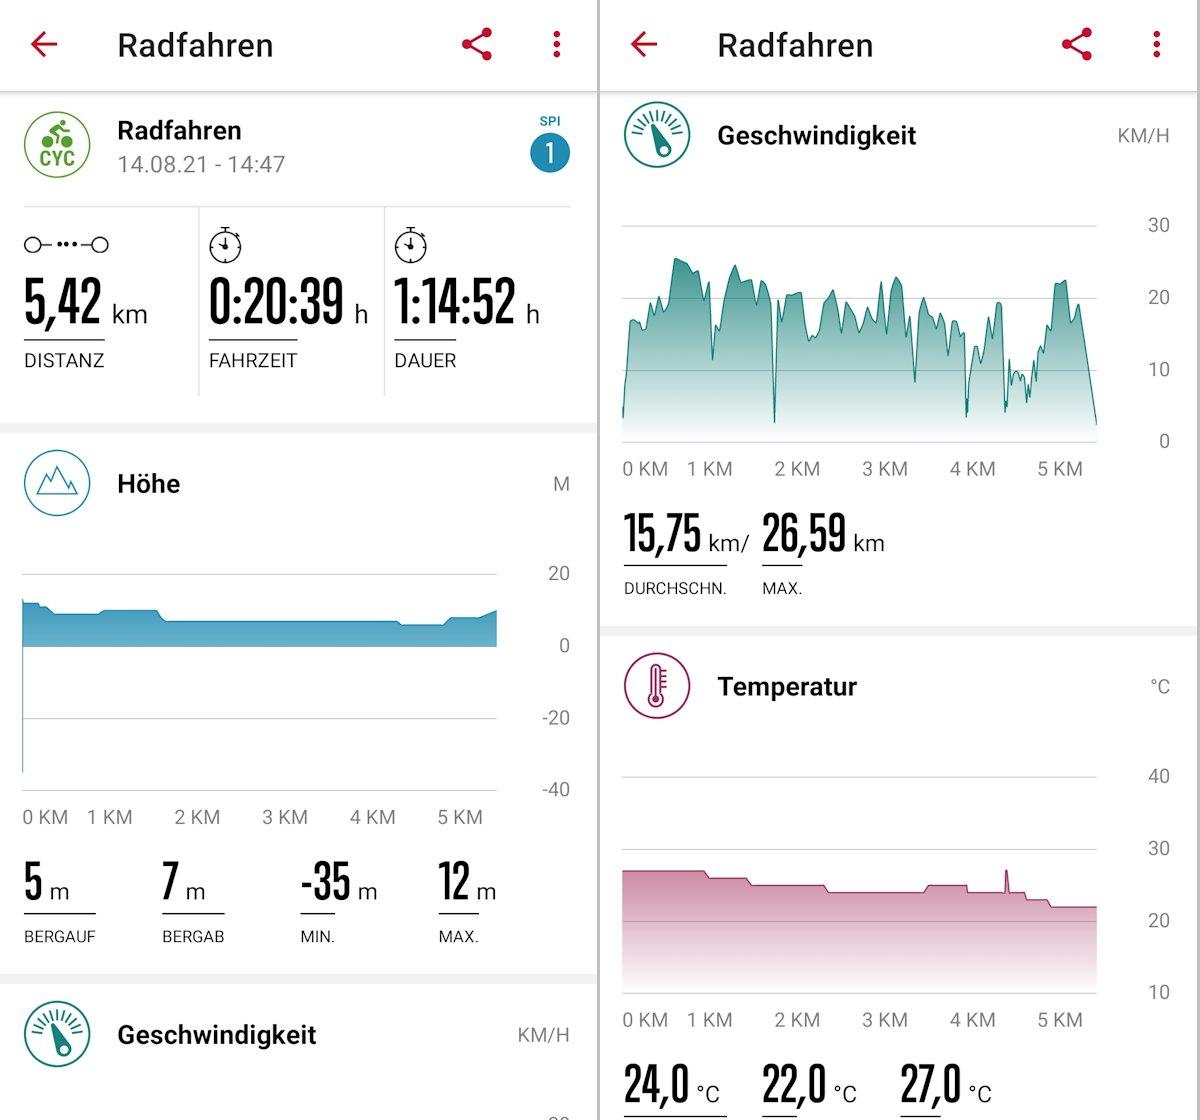 Sigma Rox 4.0 Statistik App